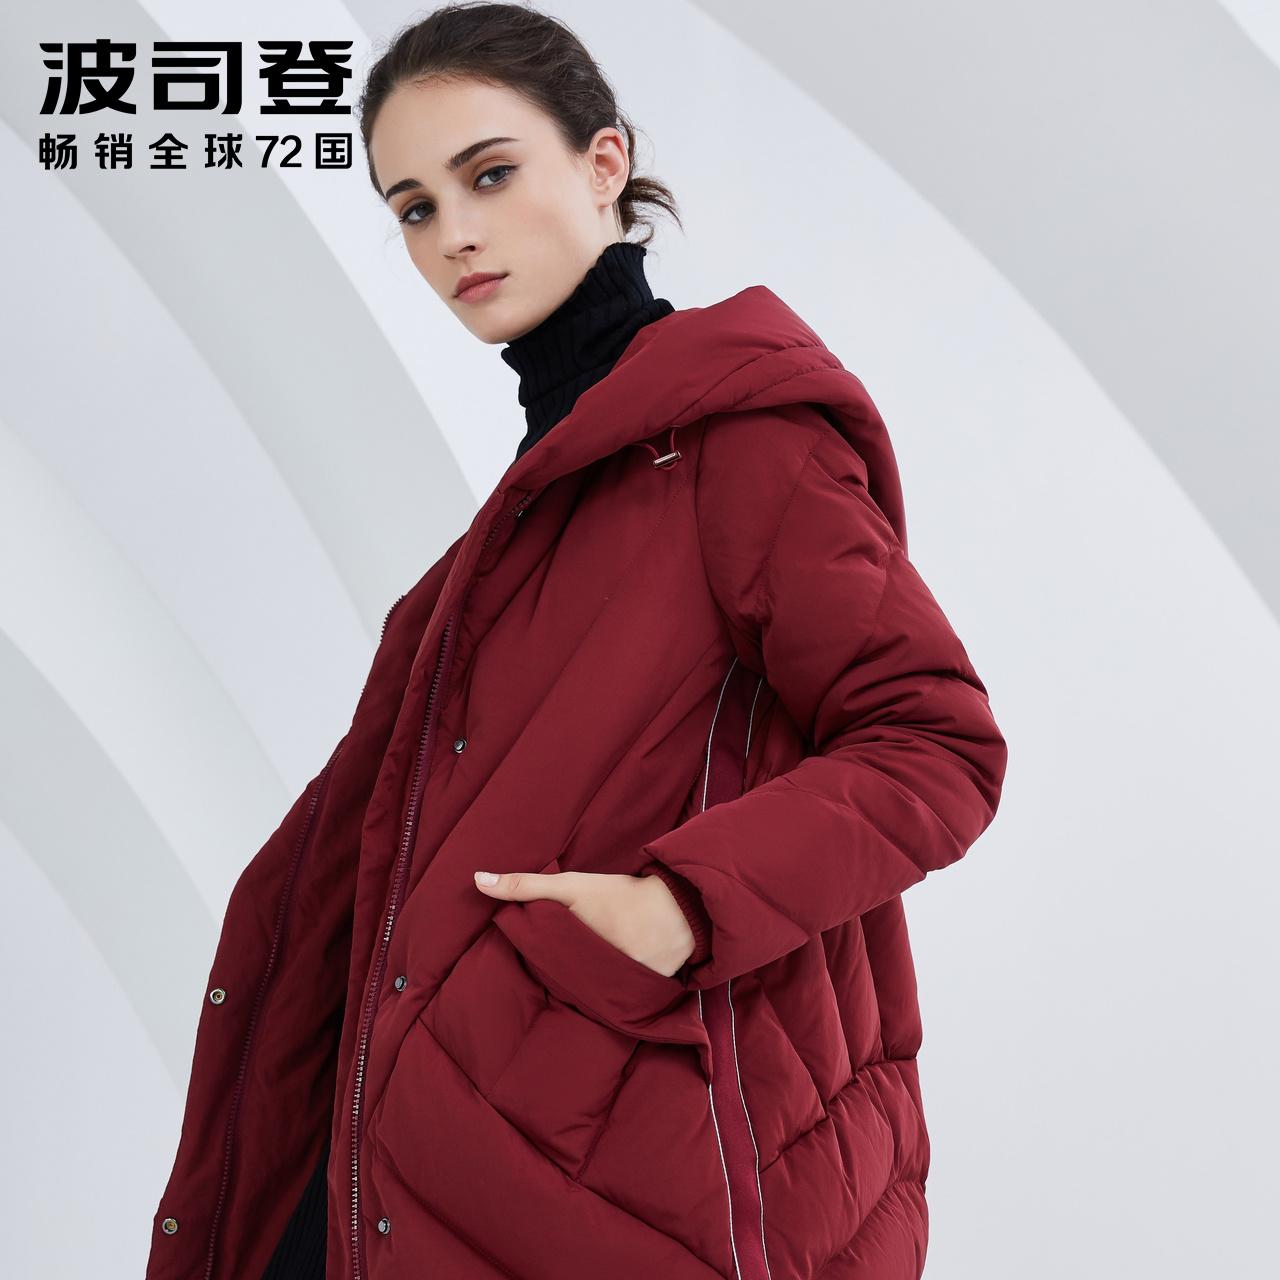 波司登羽绒服女中老年妈妈加肥加大2018新款中长款外套B80141030B